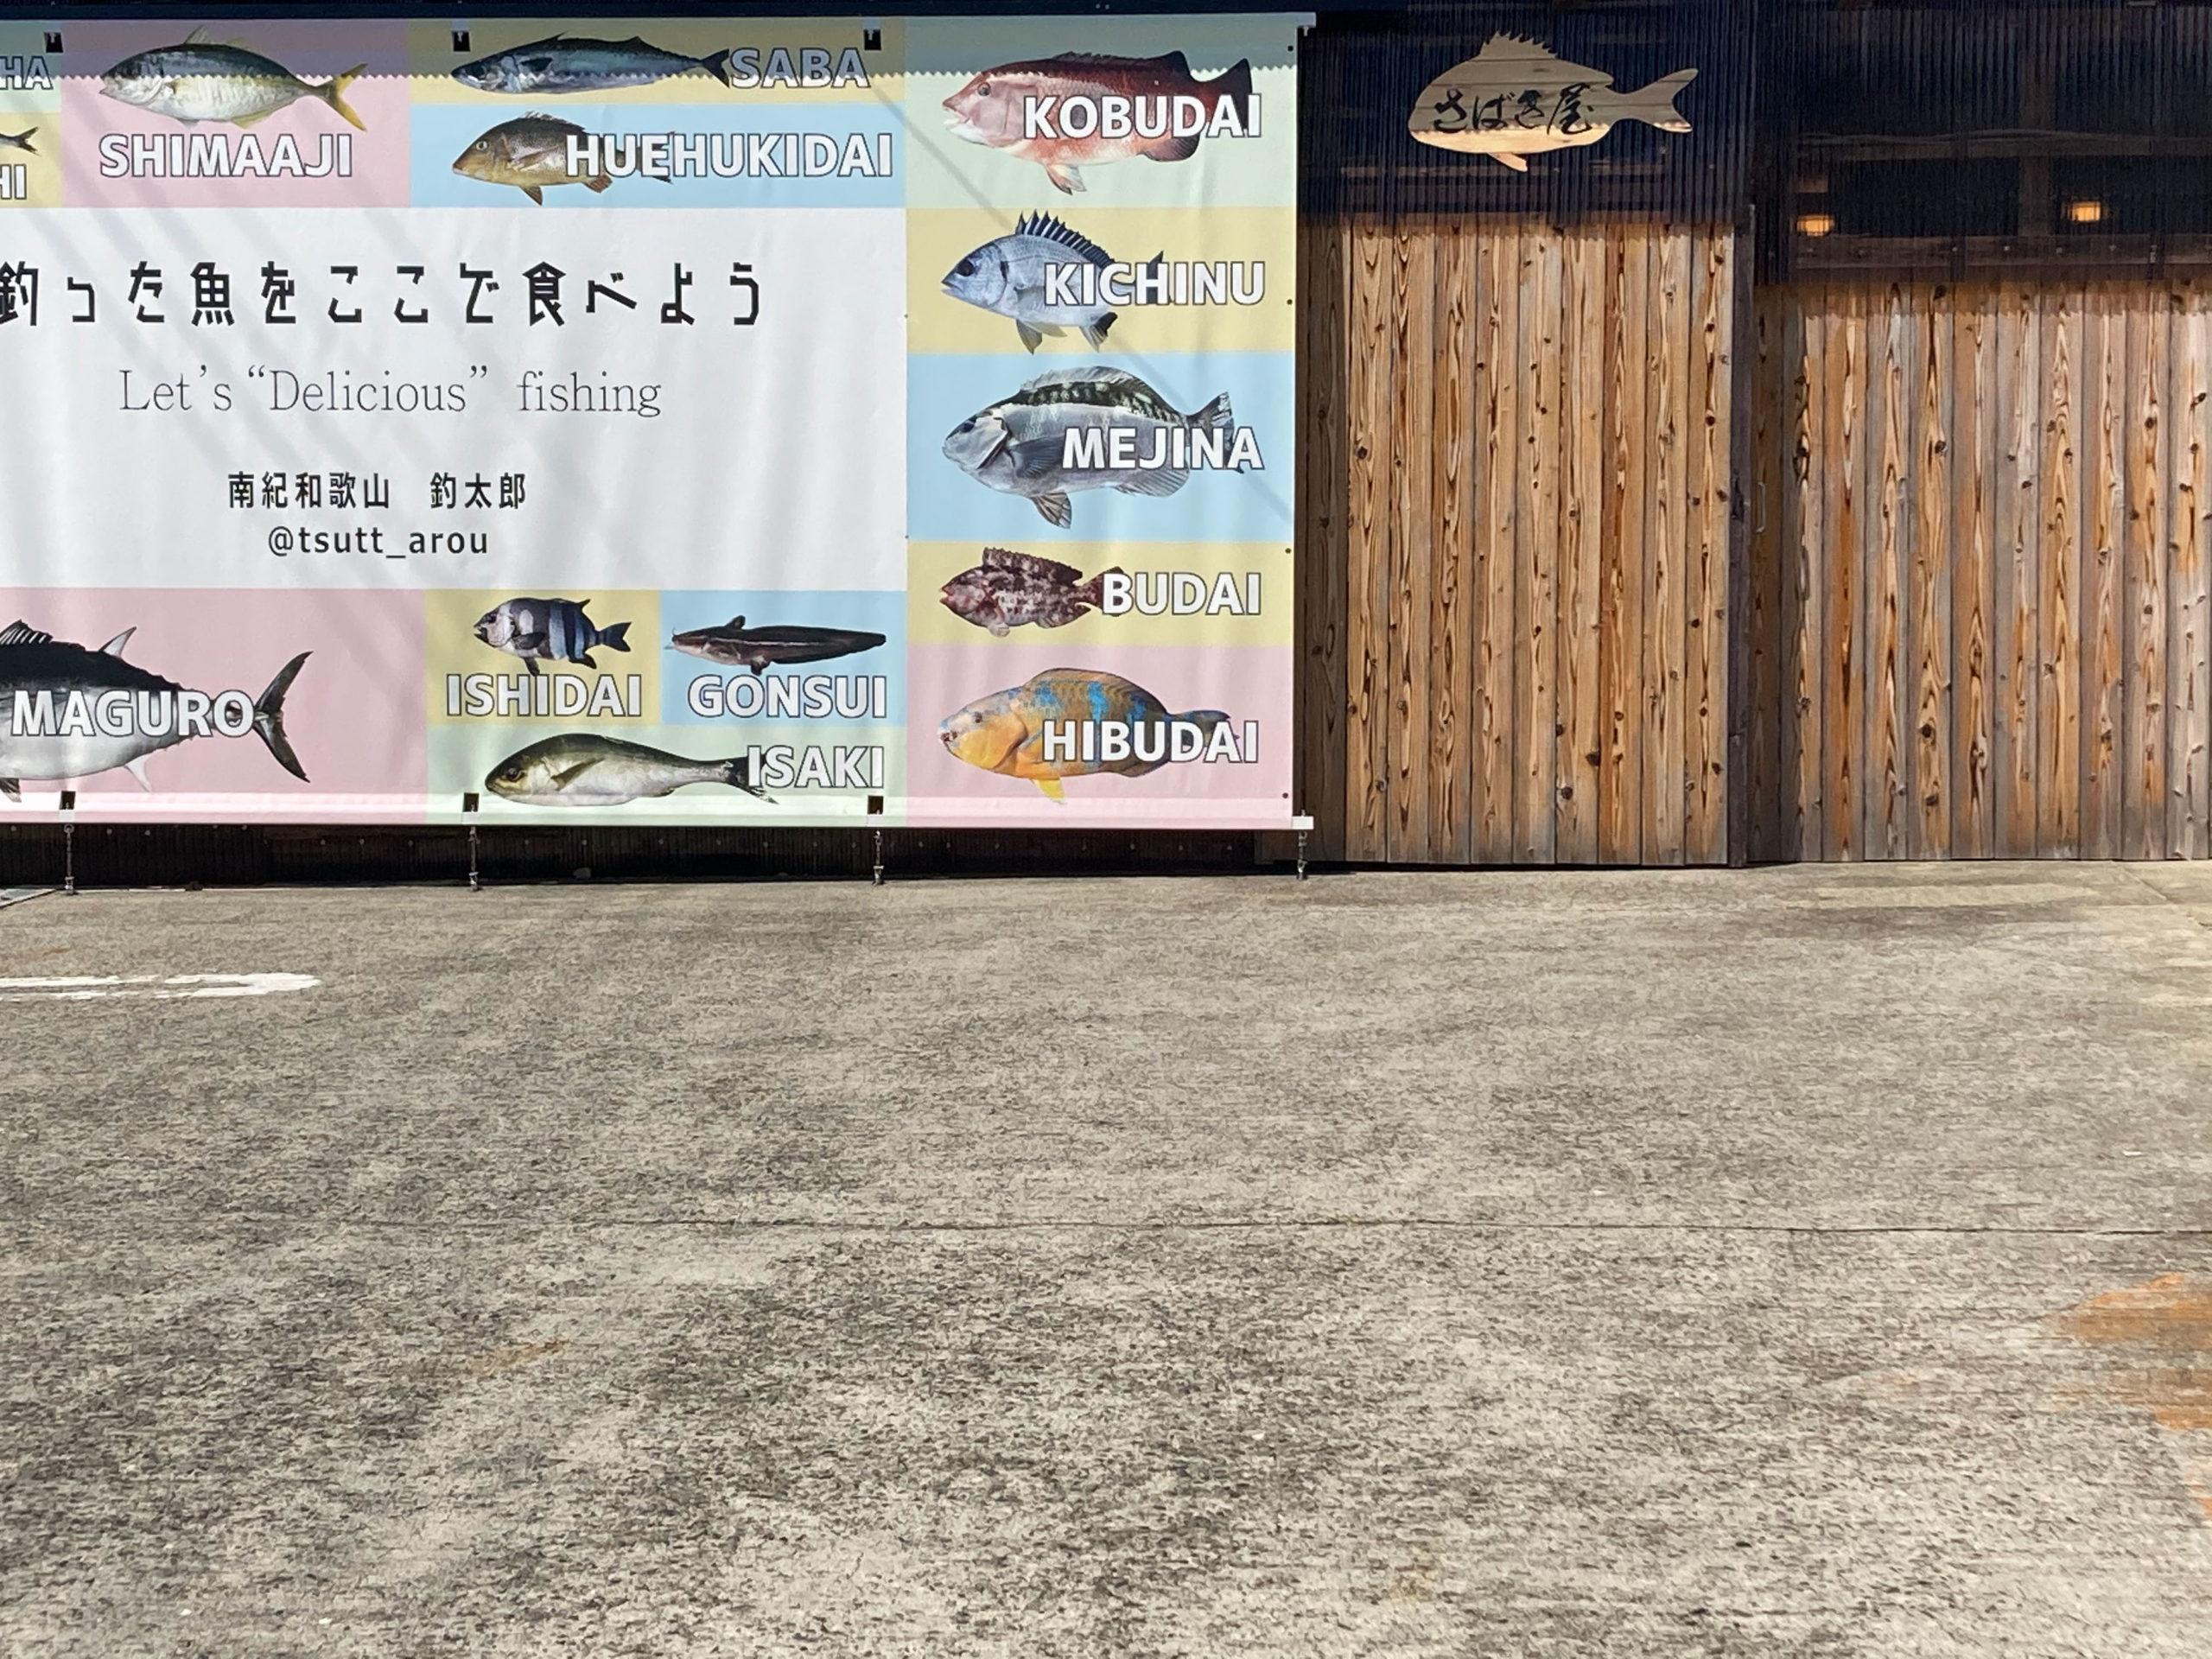 釣太郎キッチン定休日です